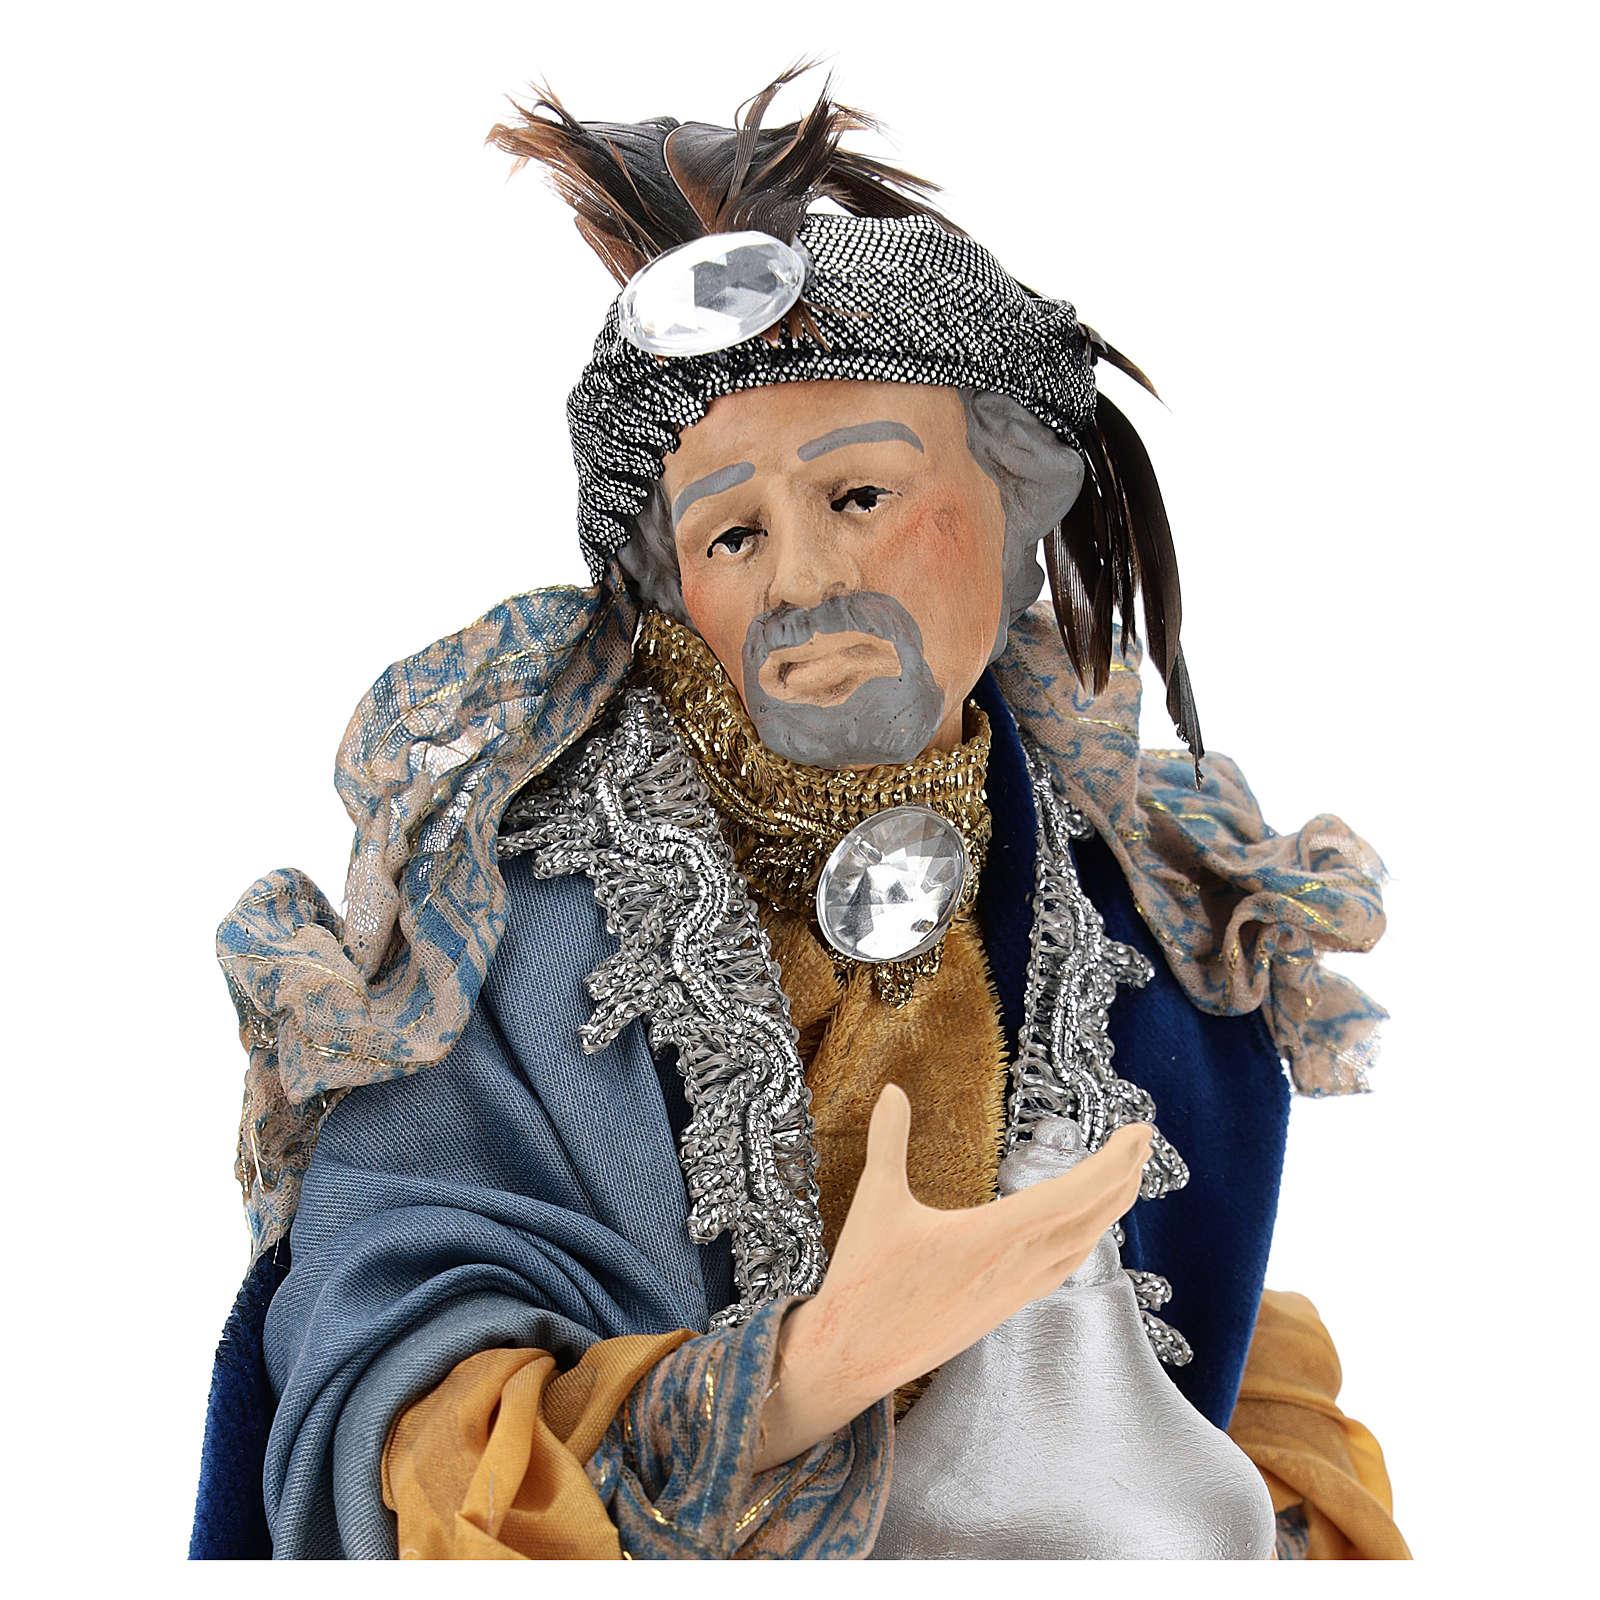 Light skinned king (Magi) for Neapolitan nativity scene 30 cm 4